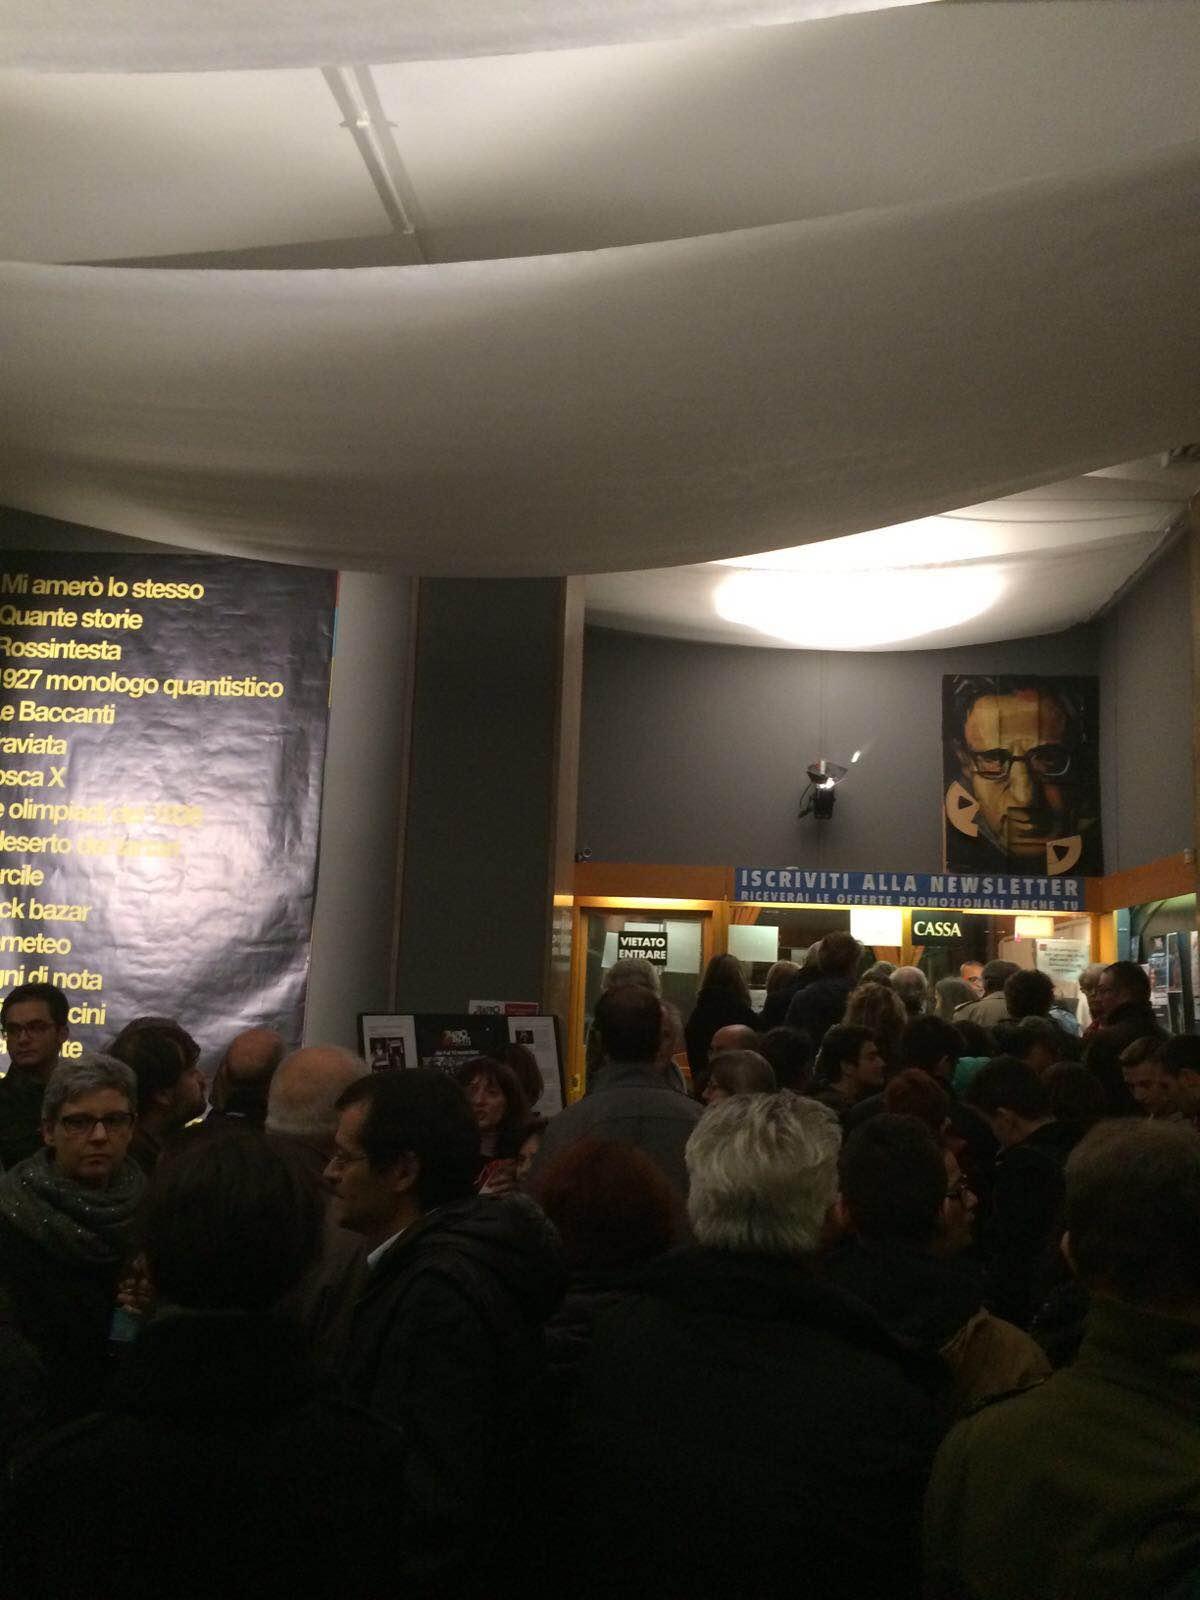 """La seconda serata a teatro con """"1927 MONOLOGO QUANTISTICO"""" con altre 350 persone di pubblico!"""